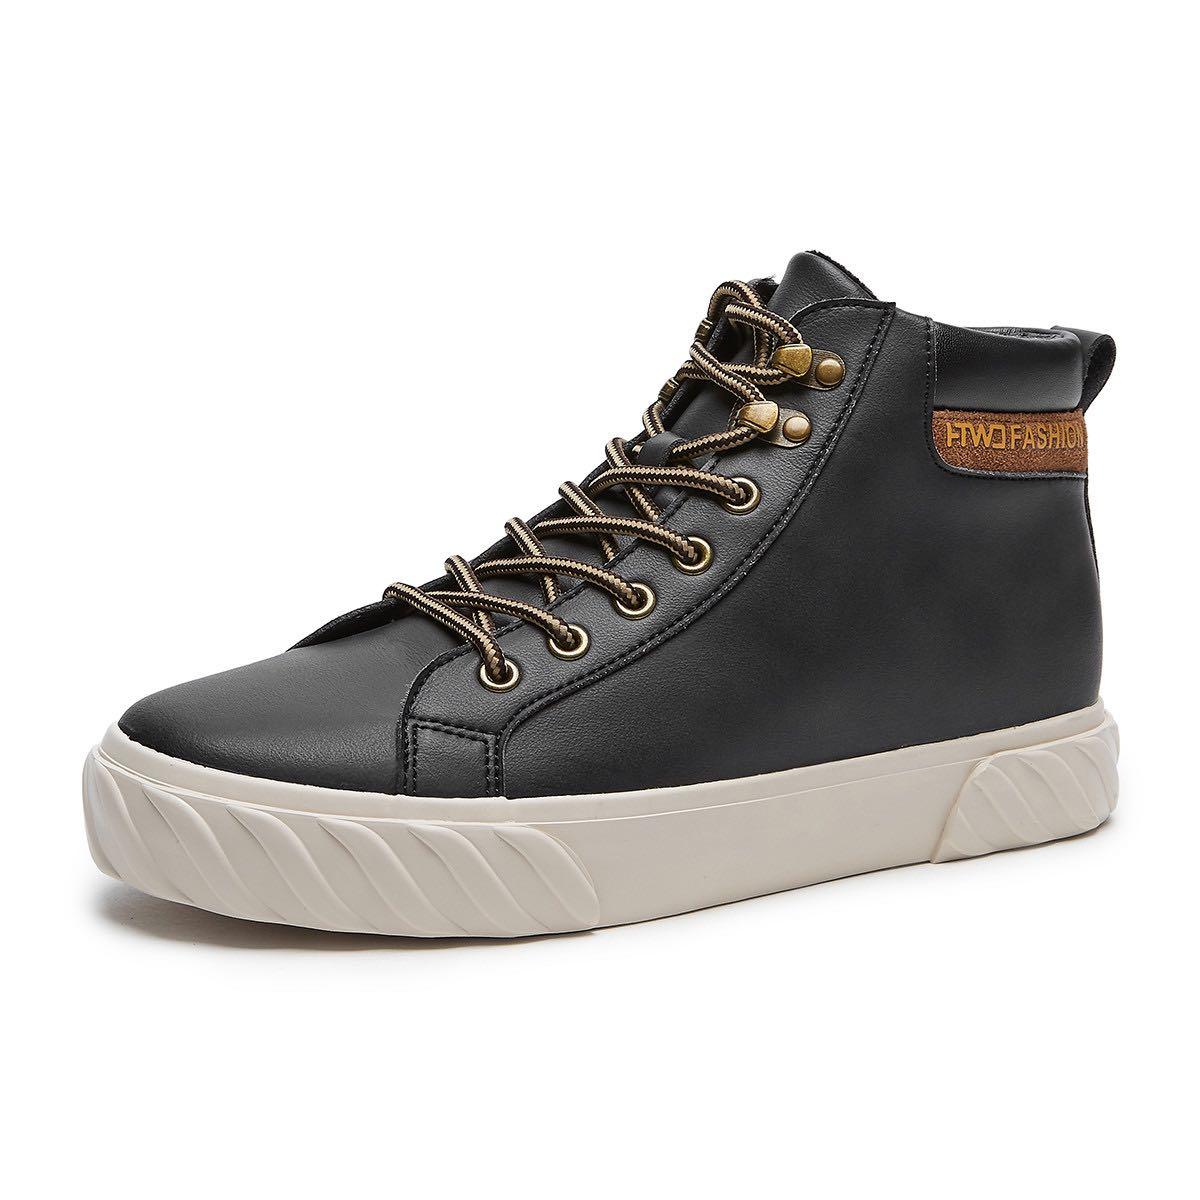 hotwind 热风 H92M0411 男士休闲靴